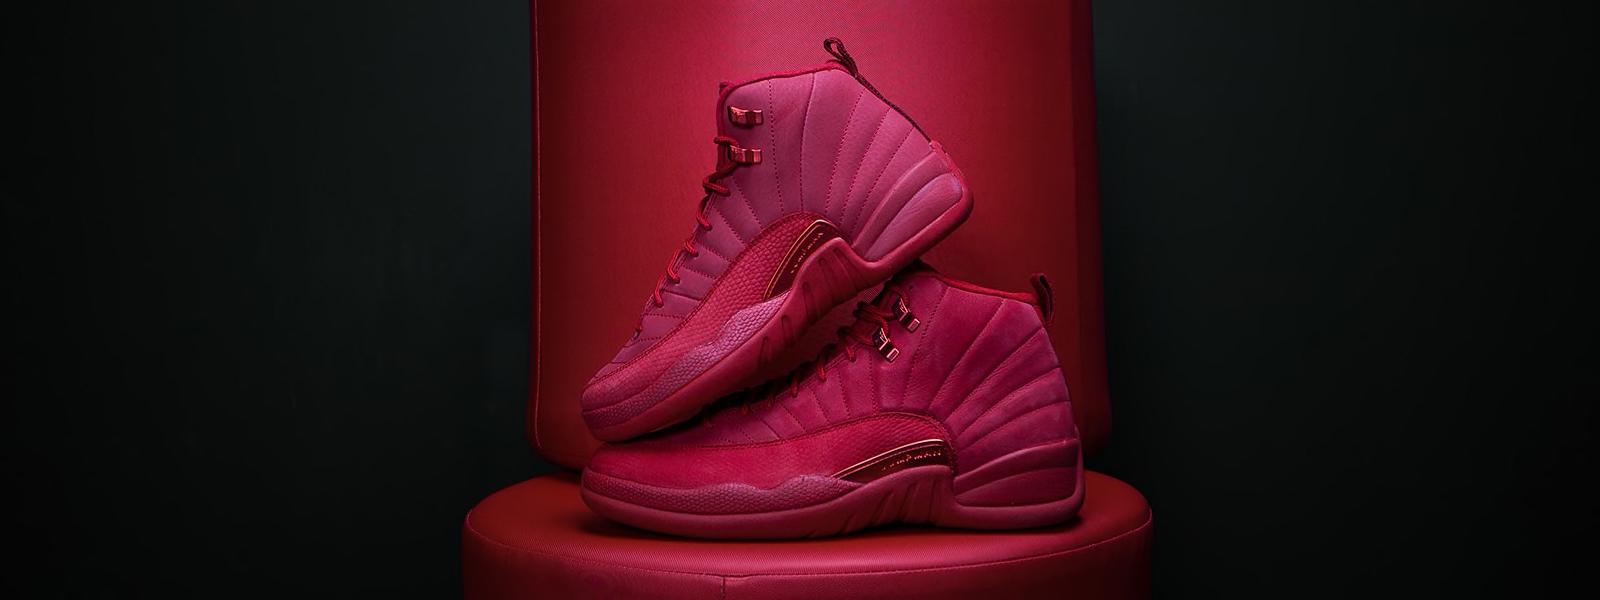 cyber-monday-2018-champs-sale-deals-jordan-12-gym-red-shoes